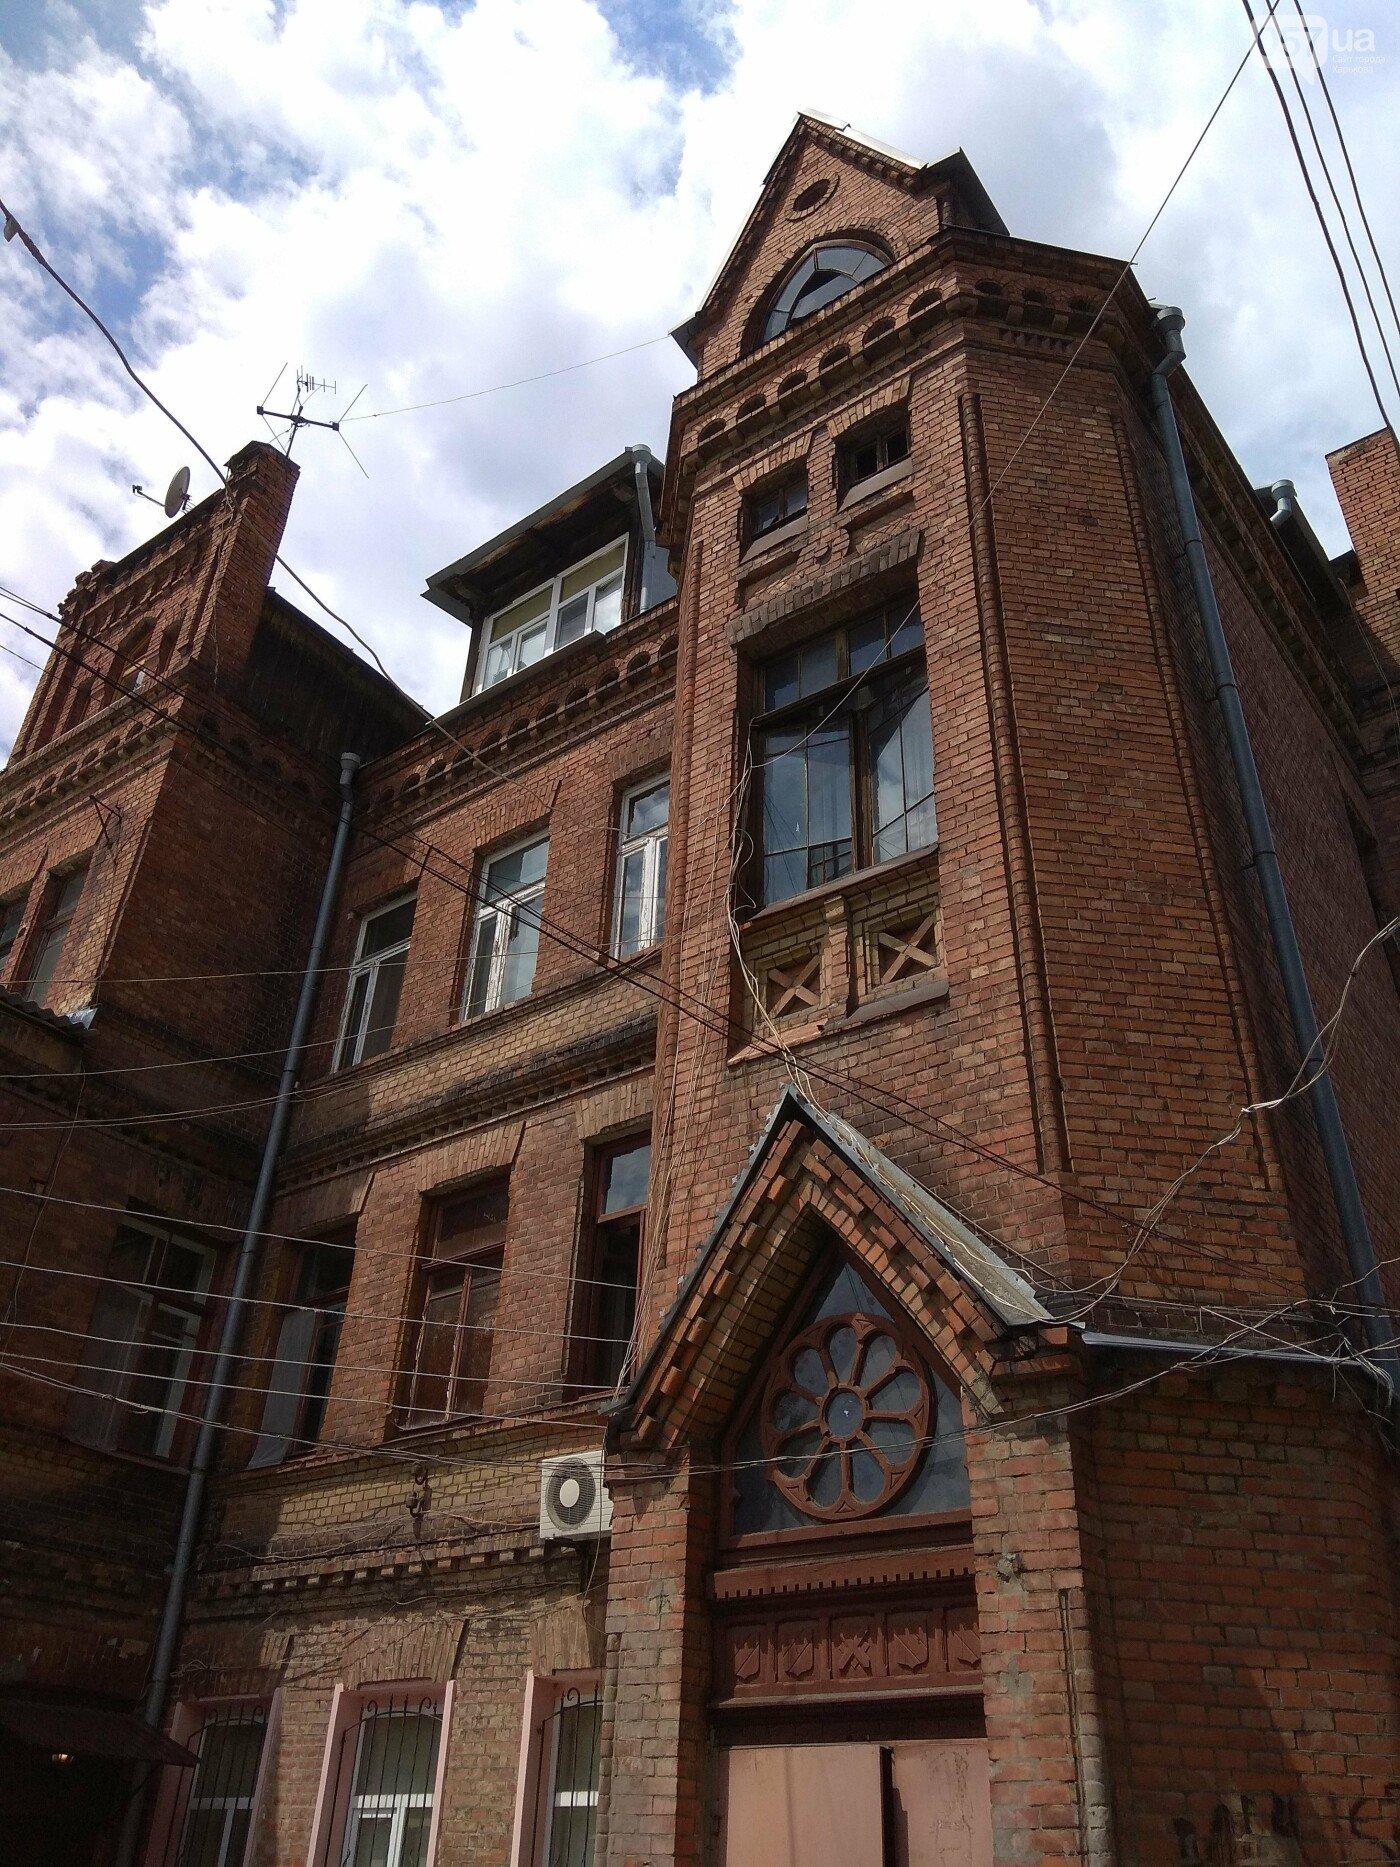 Доходные дома, бордели, и купеческий замок: ТОП-5 старинных зданий Харькова, - ФОТО, фото-8